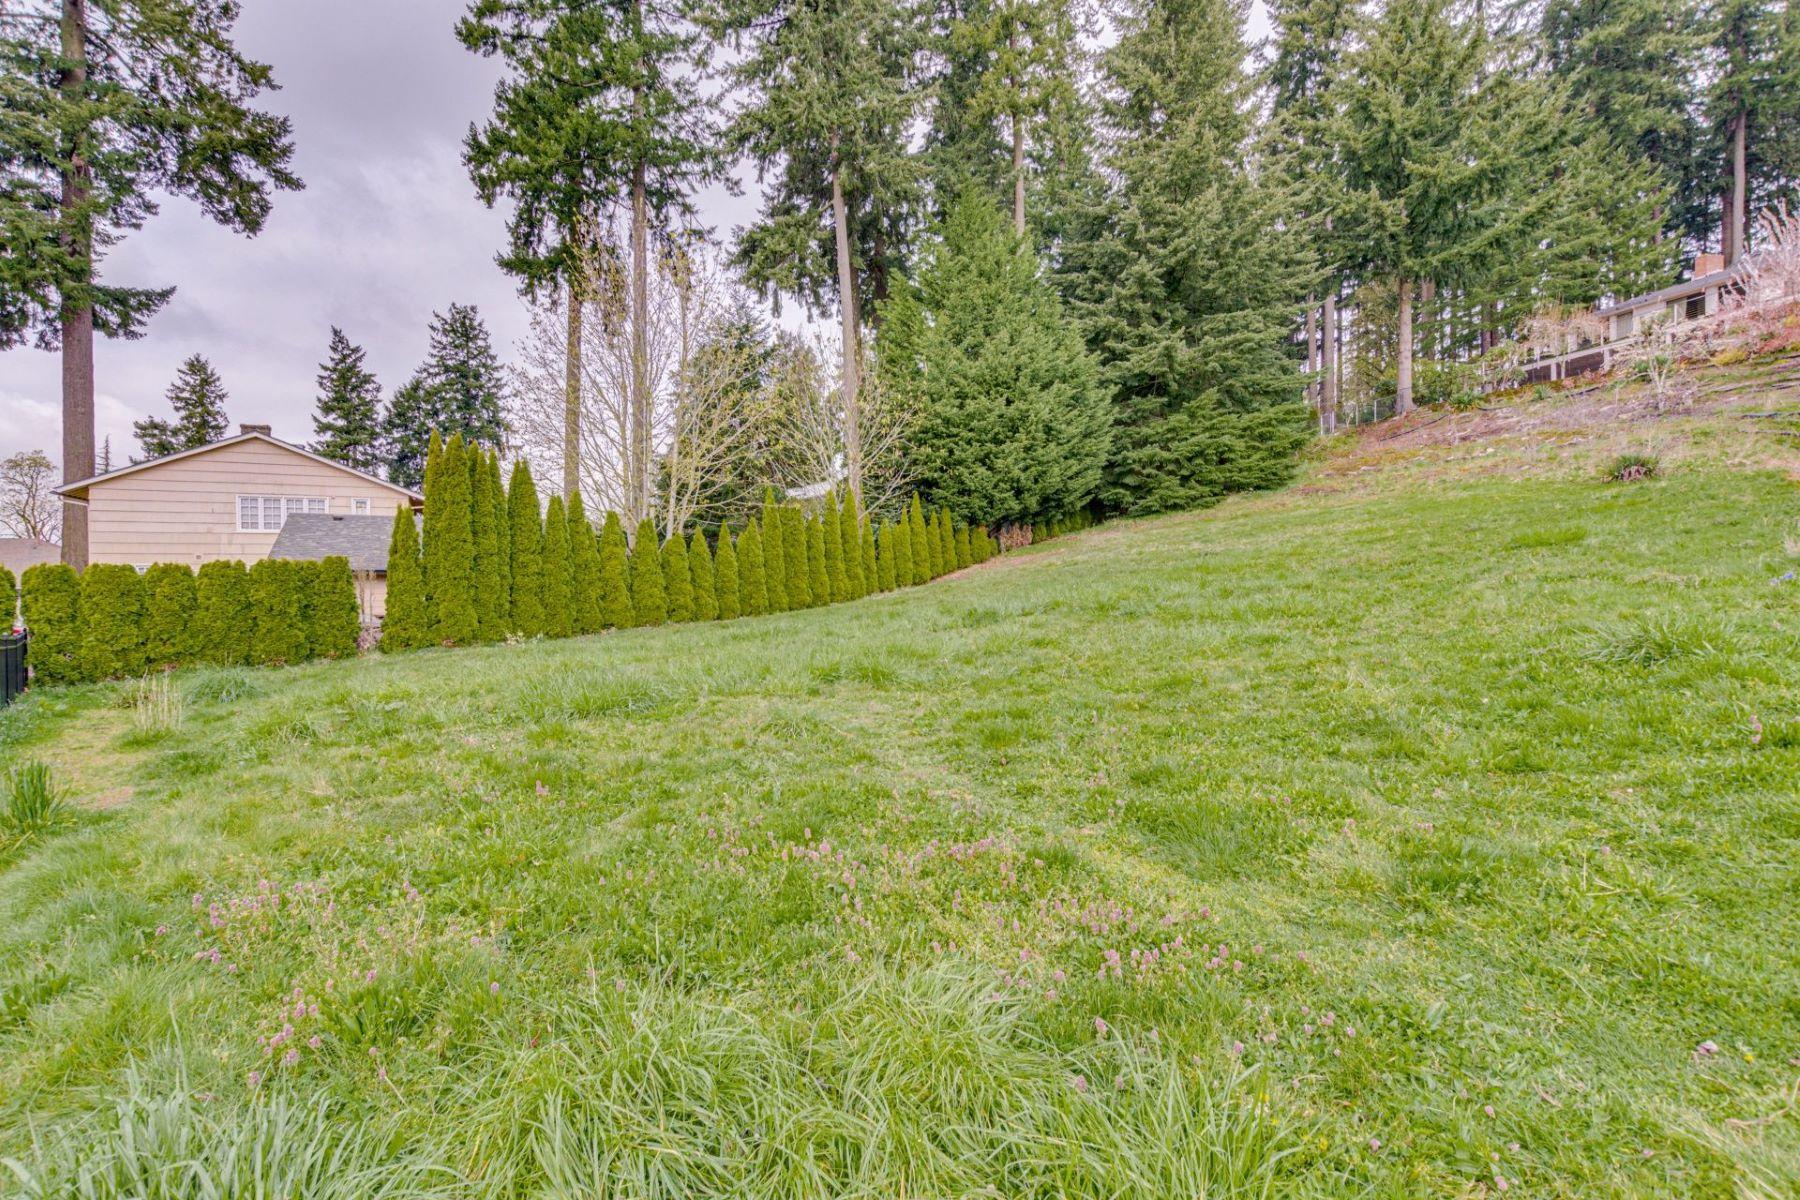 Đất đai vì Bán tại 2014 SE 100TH CT Vancouver, WA 98664 Vancouver, Washington 98664 Hoa Kỳ